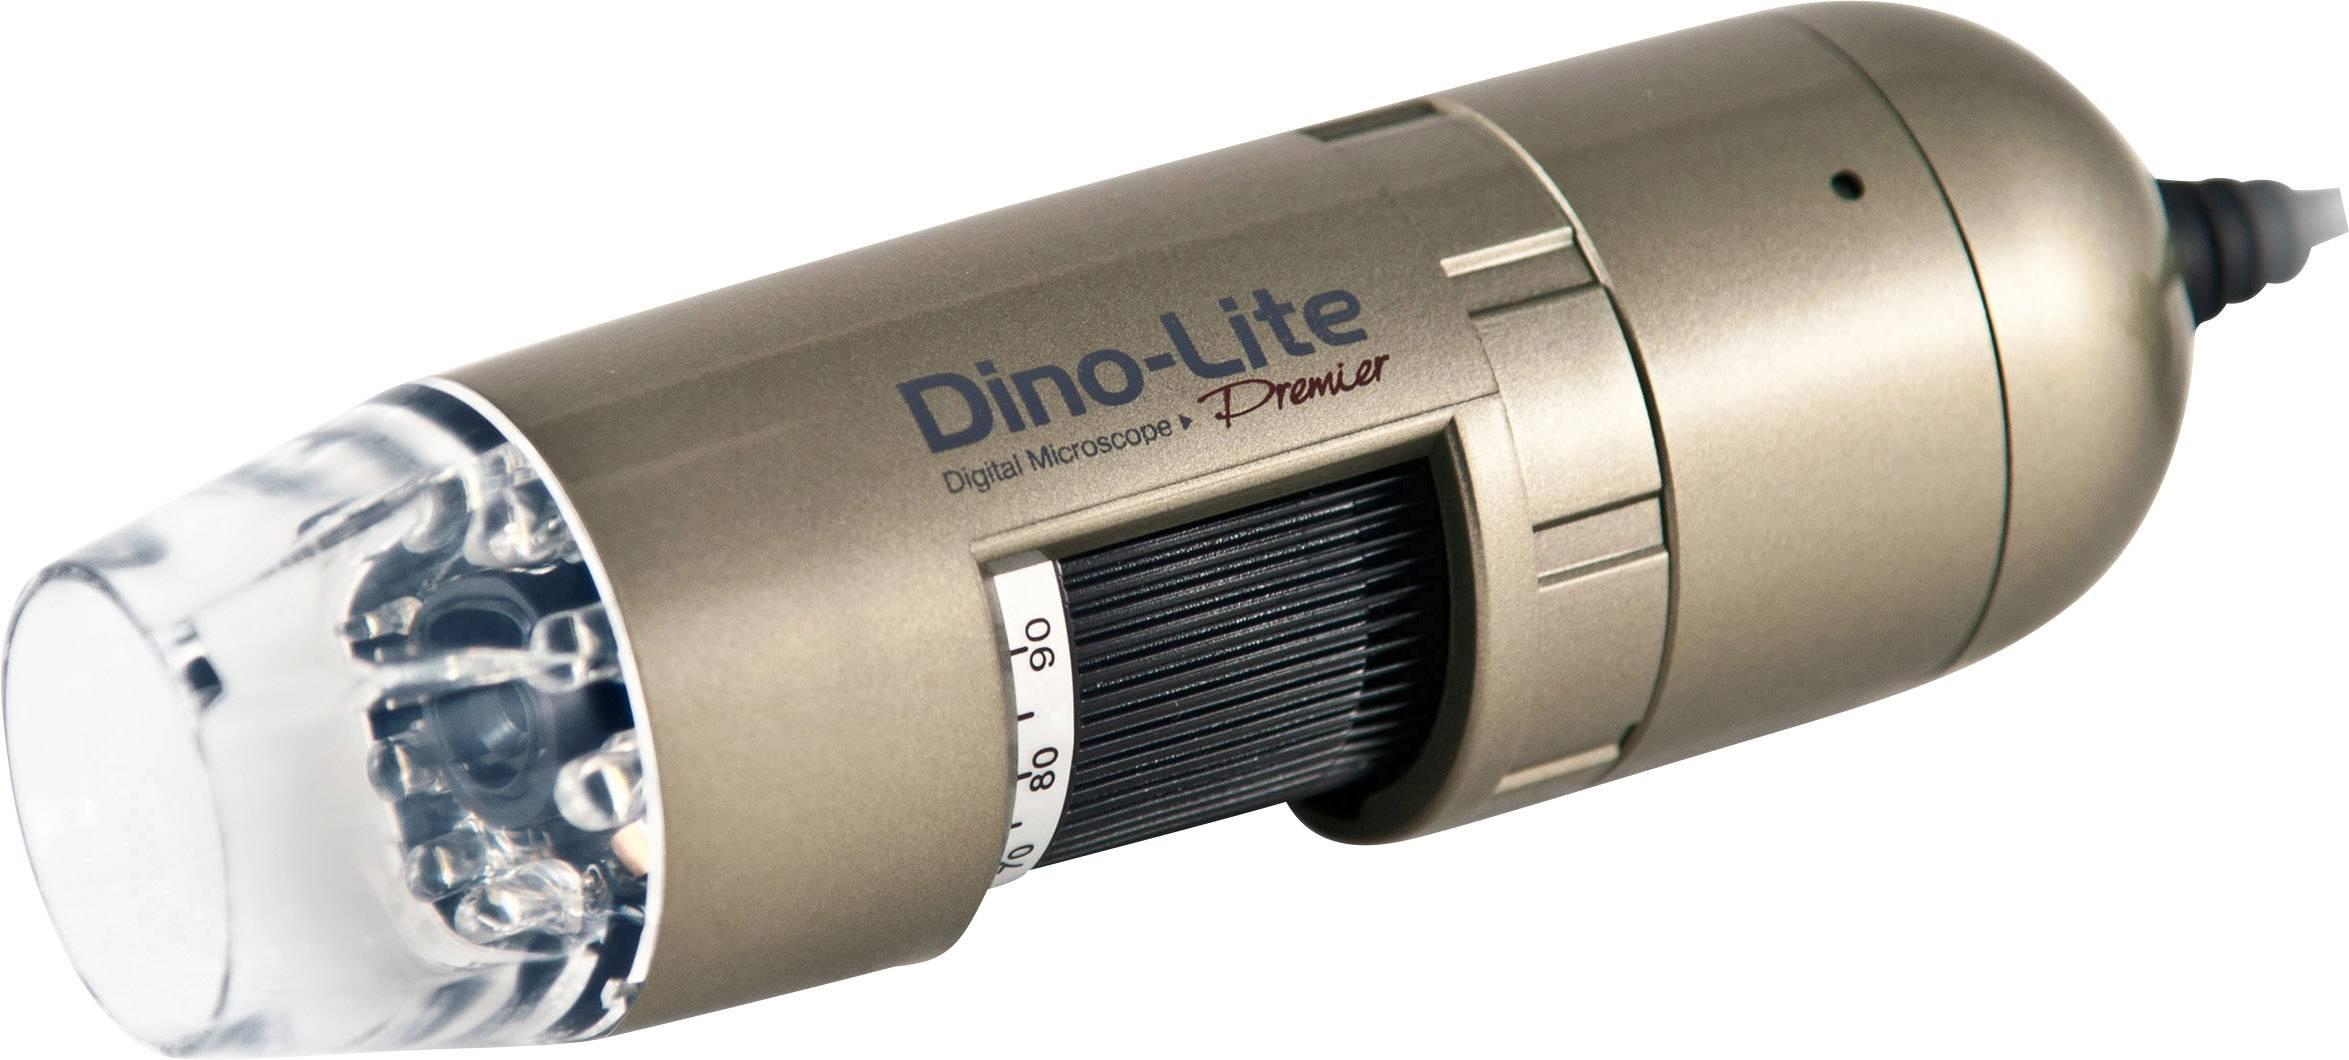 USB mikroskop Dino Lite 1.3 MPix zväčšenie 90 x